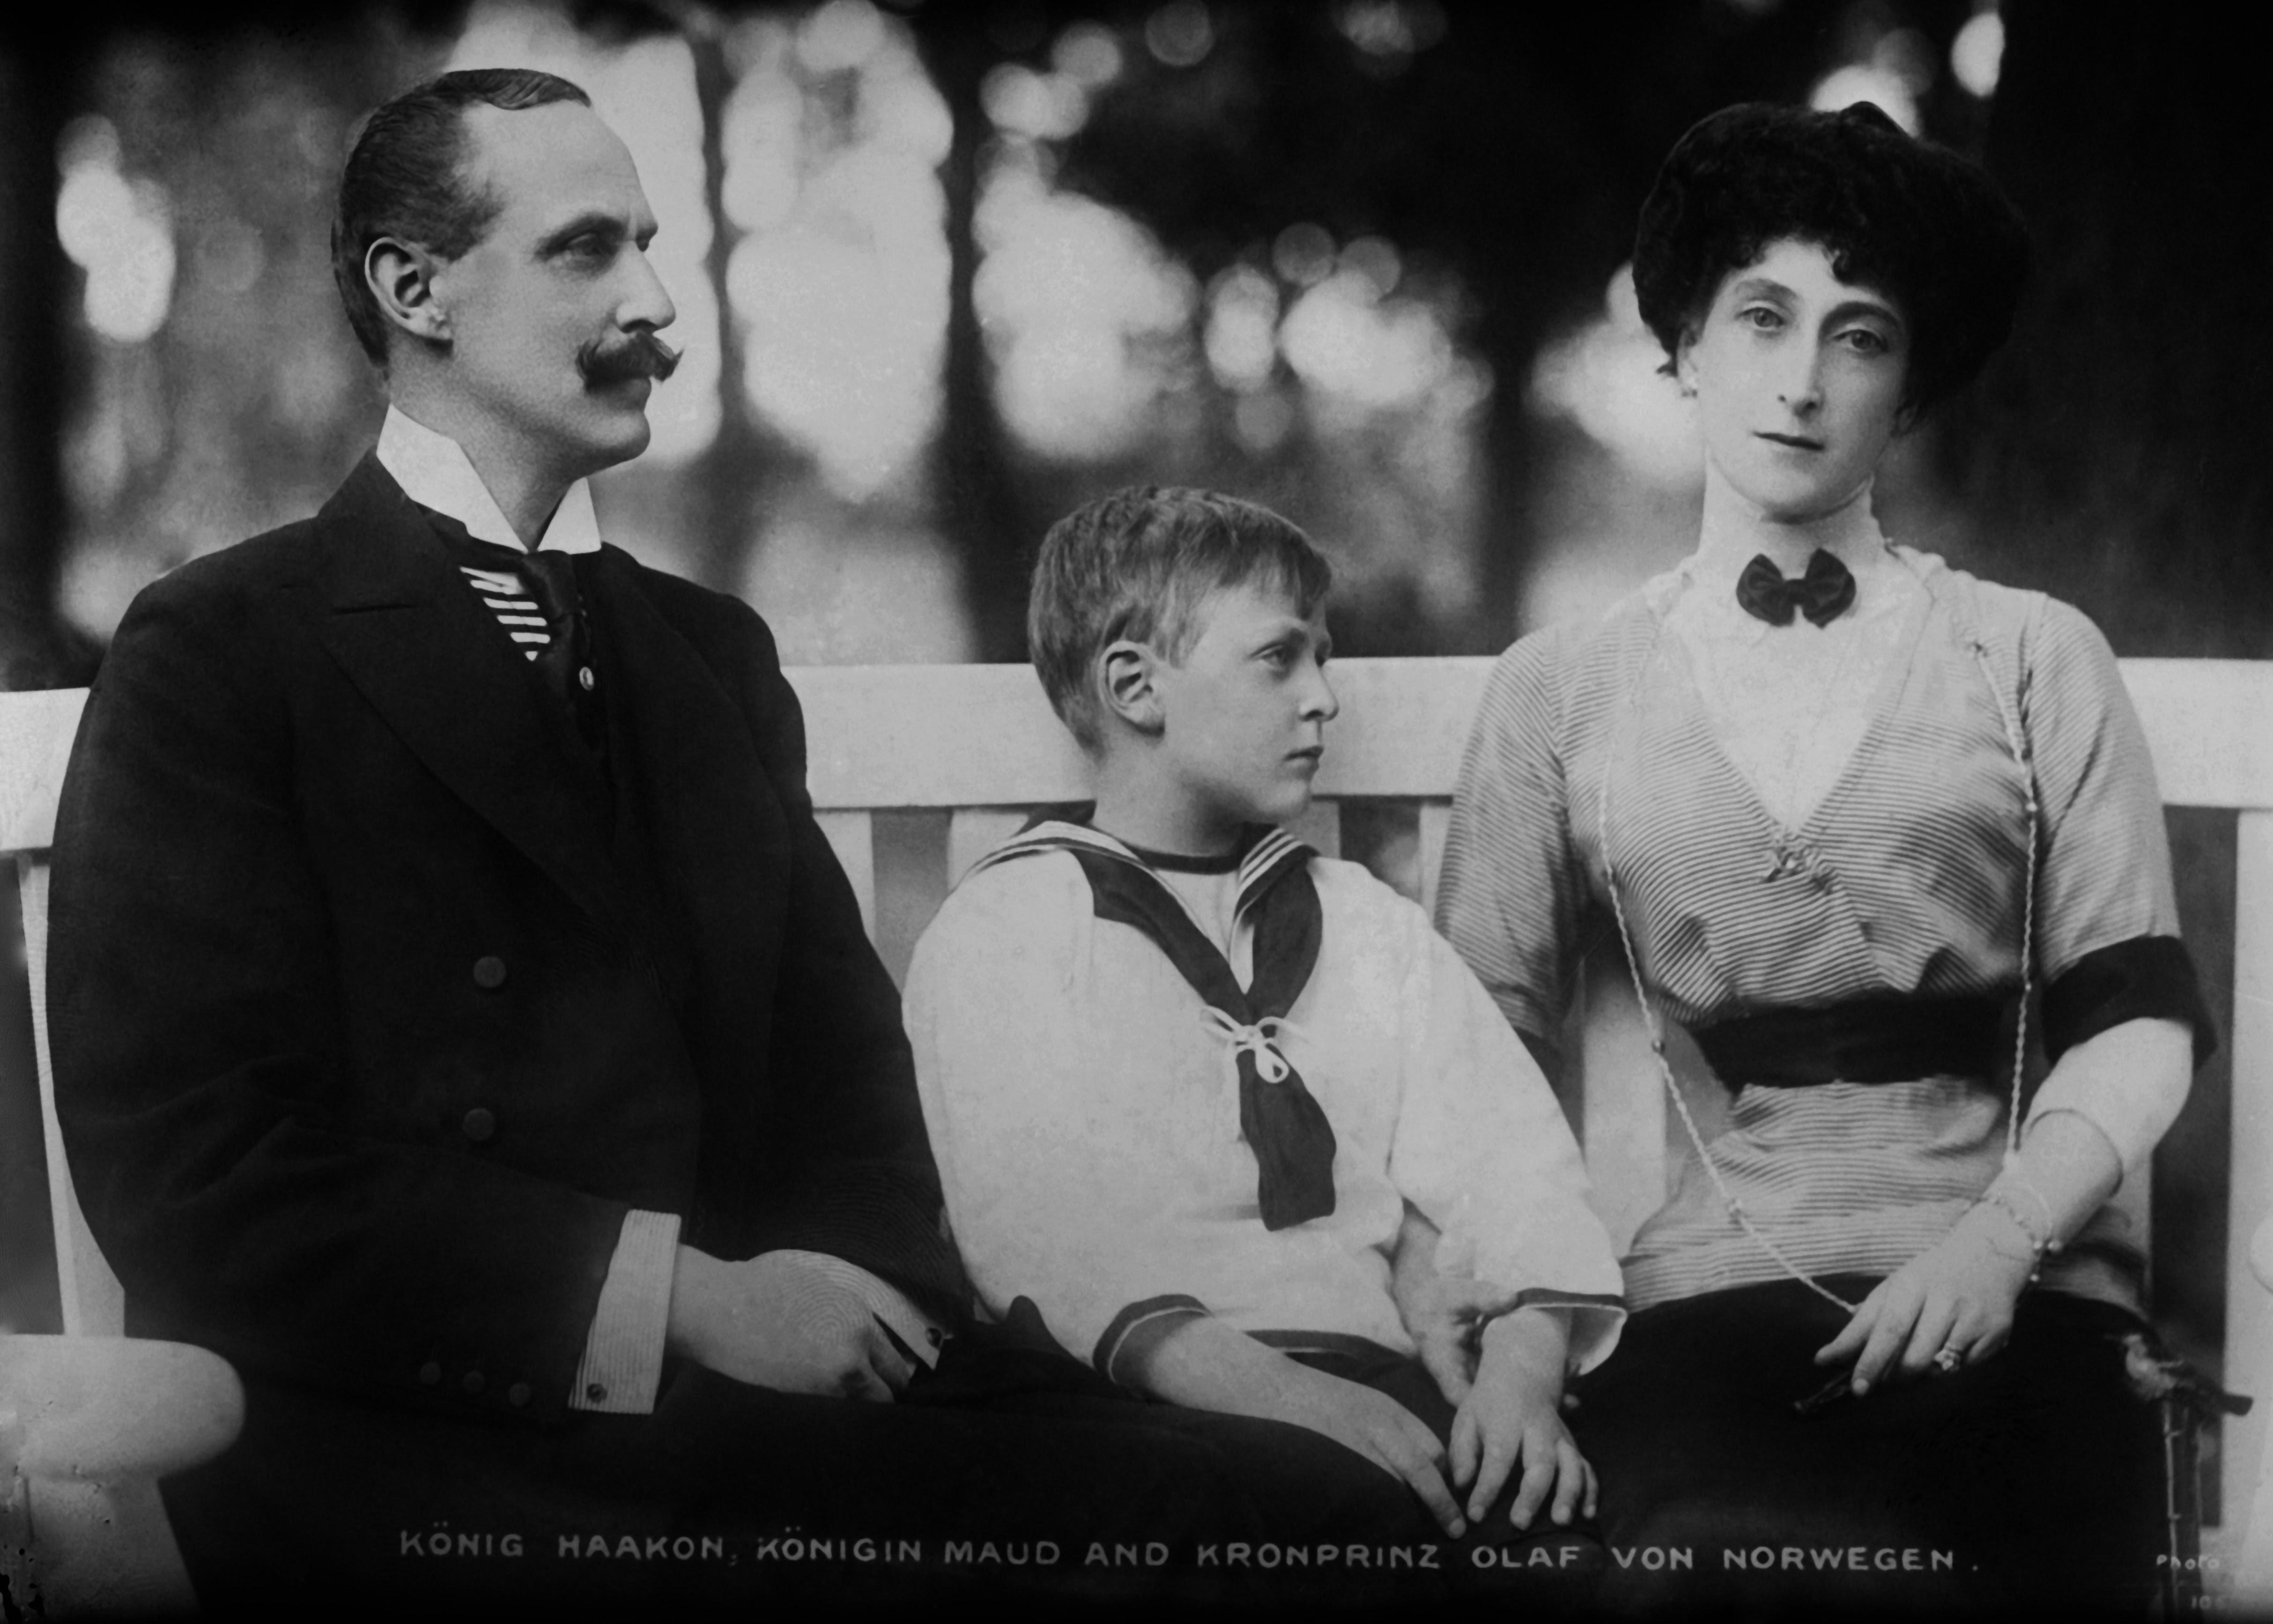 Hans Majestet Haakon VII af Guds Naade og efter Rigets Constitution Konge over Norge og den kongelige familie